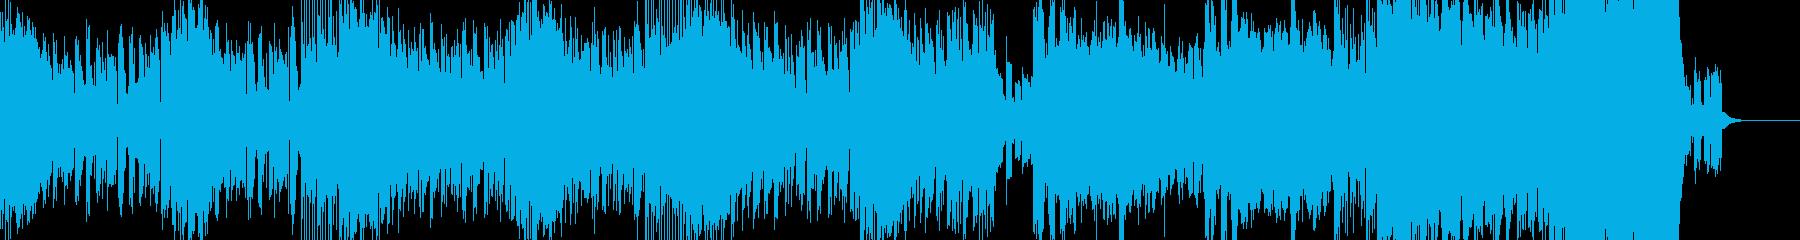 短めなテクノの再生済みの波形